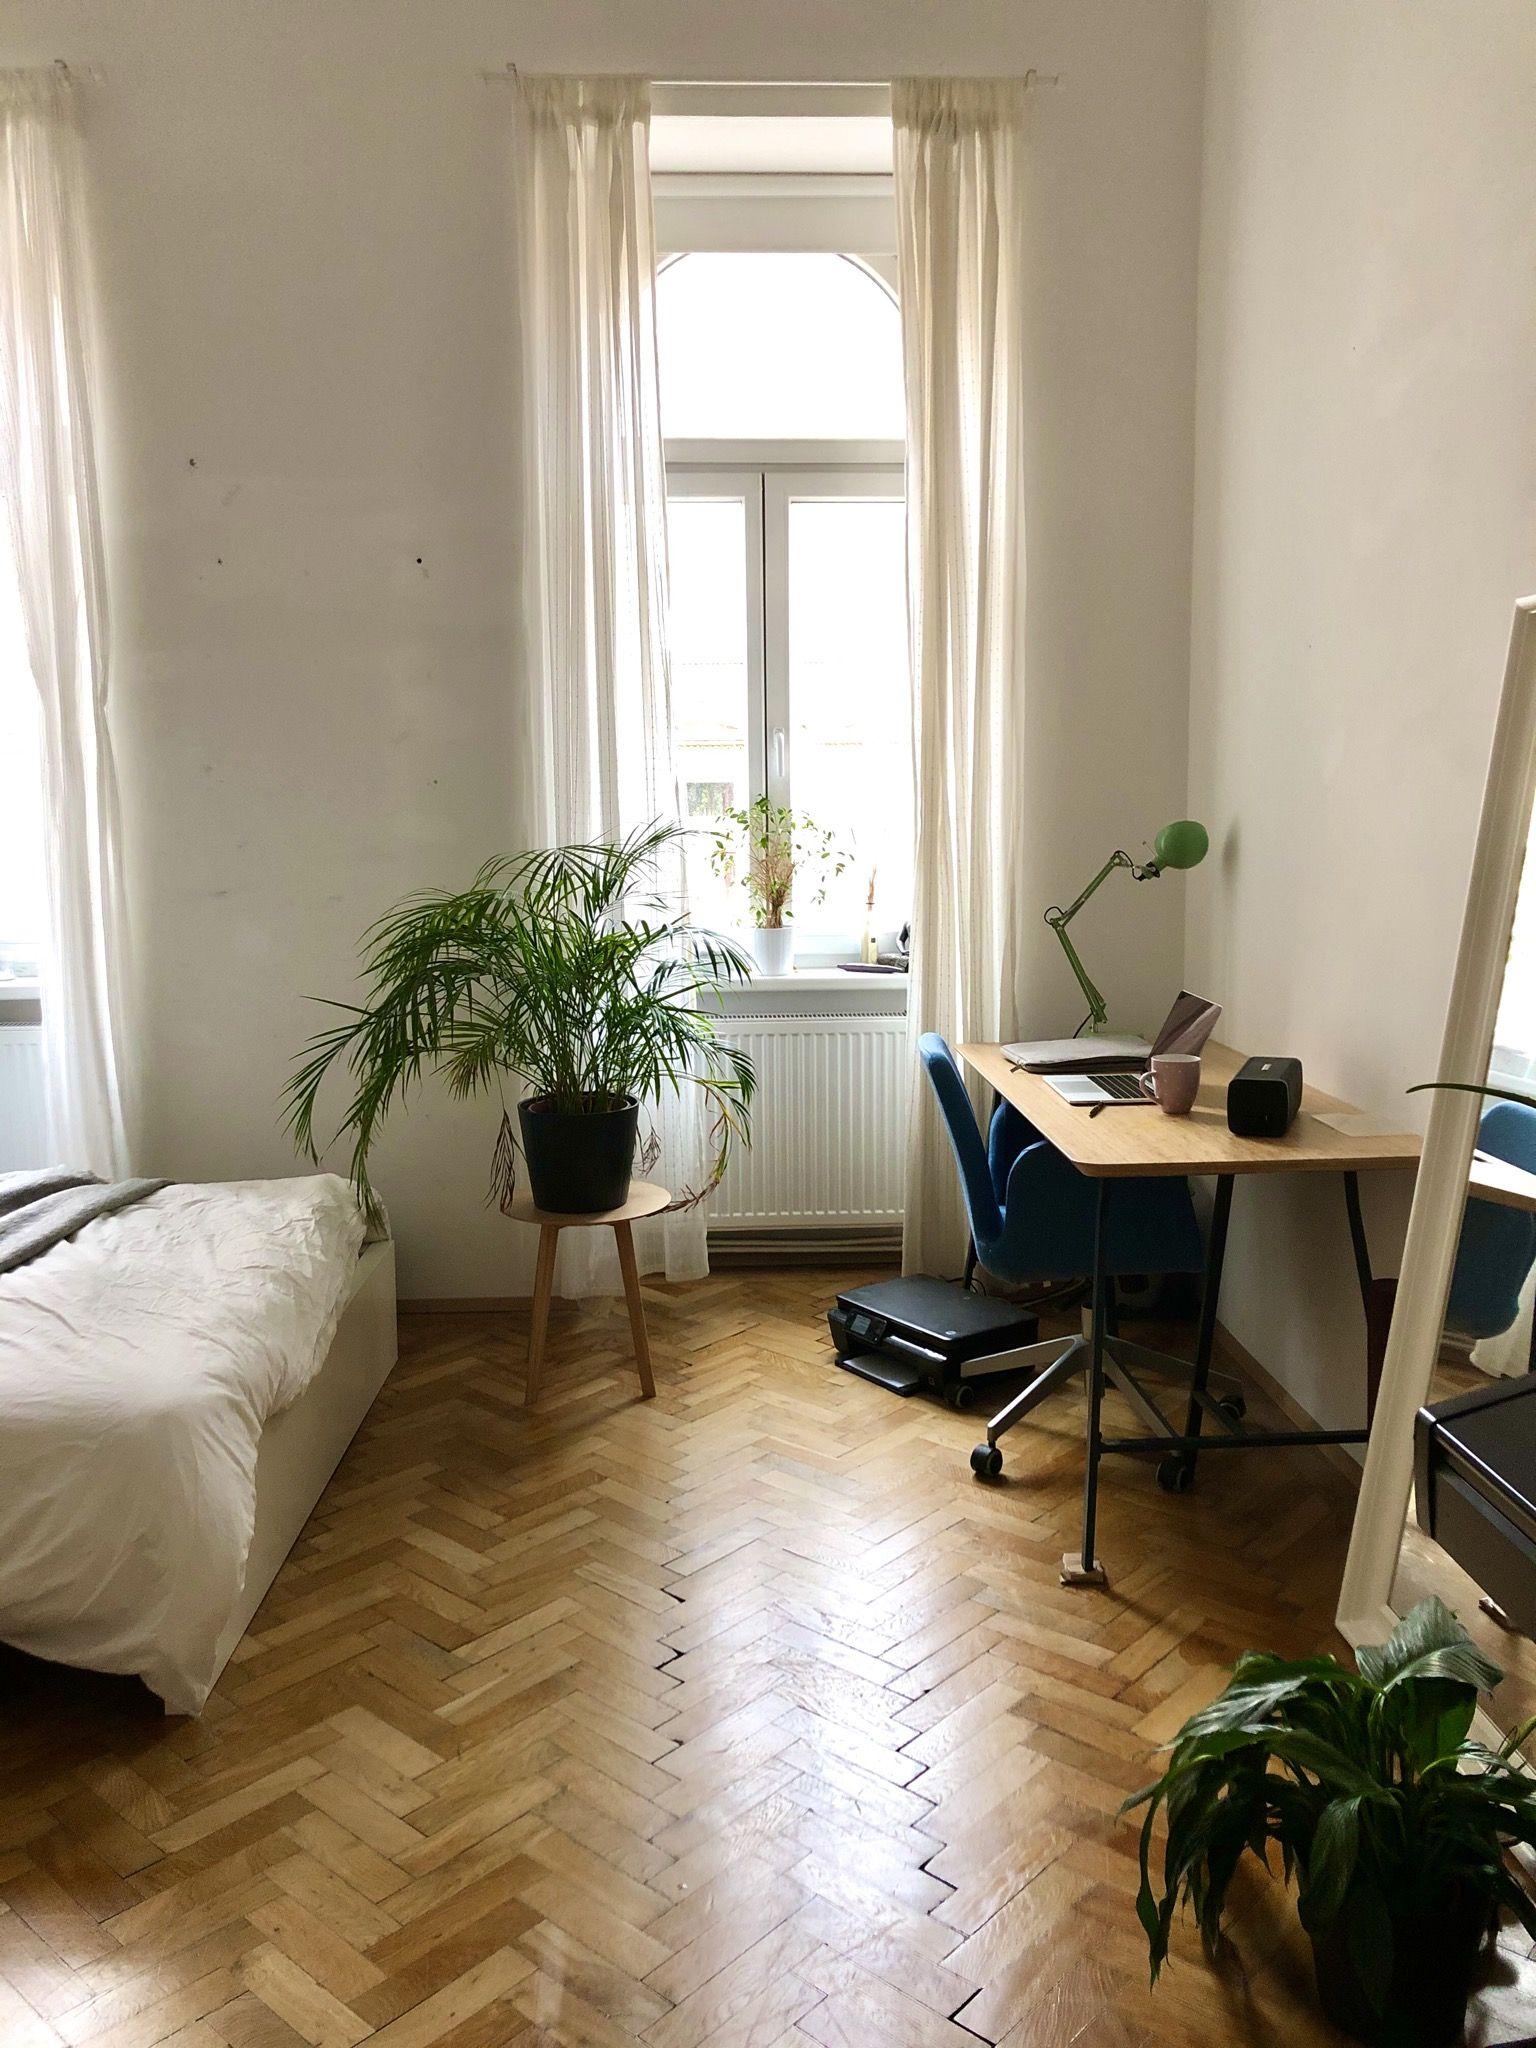 Wiener Wg Zimmer In Altbauwohnung Mit Dielenboden Wggesucht Wg Wien Altbau Dielen Holz Pflanzen Zimmer In 2020 Wg Zimmer Zimmer Einrichten Wohnen